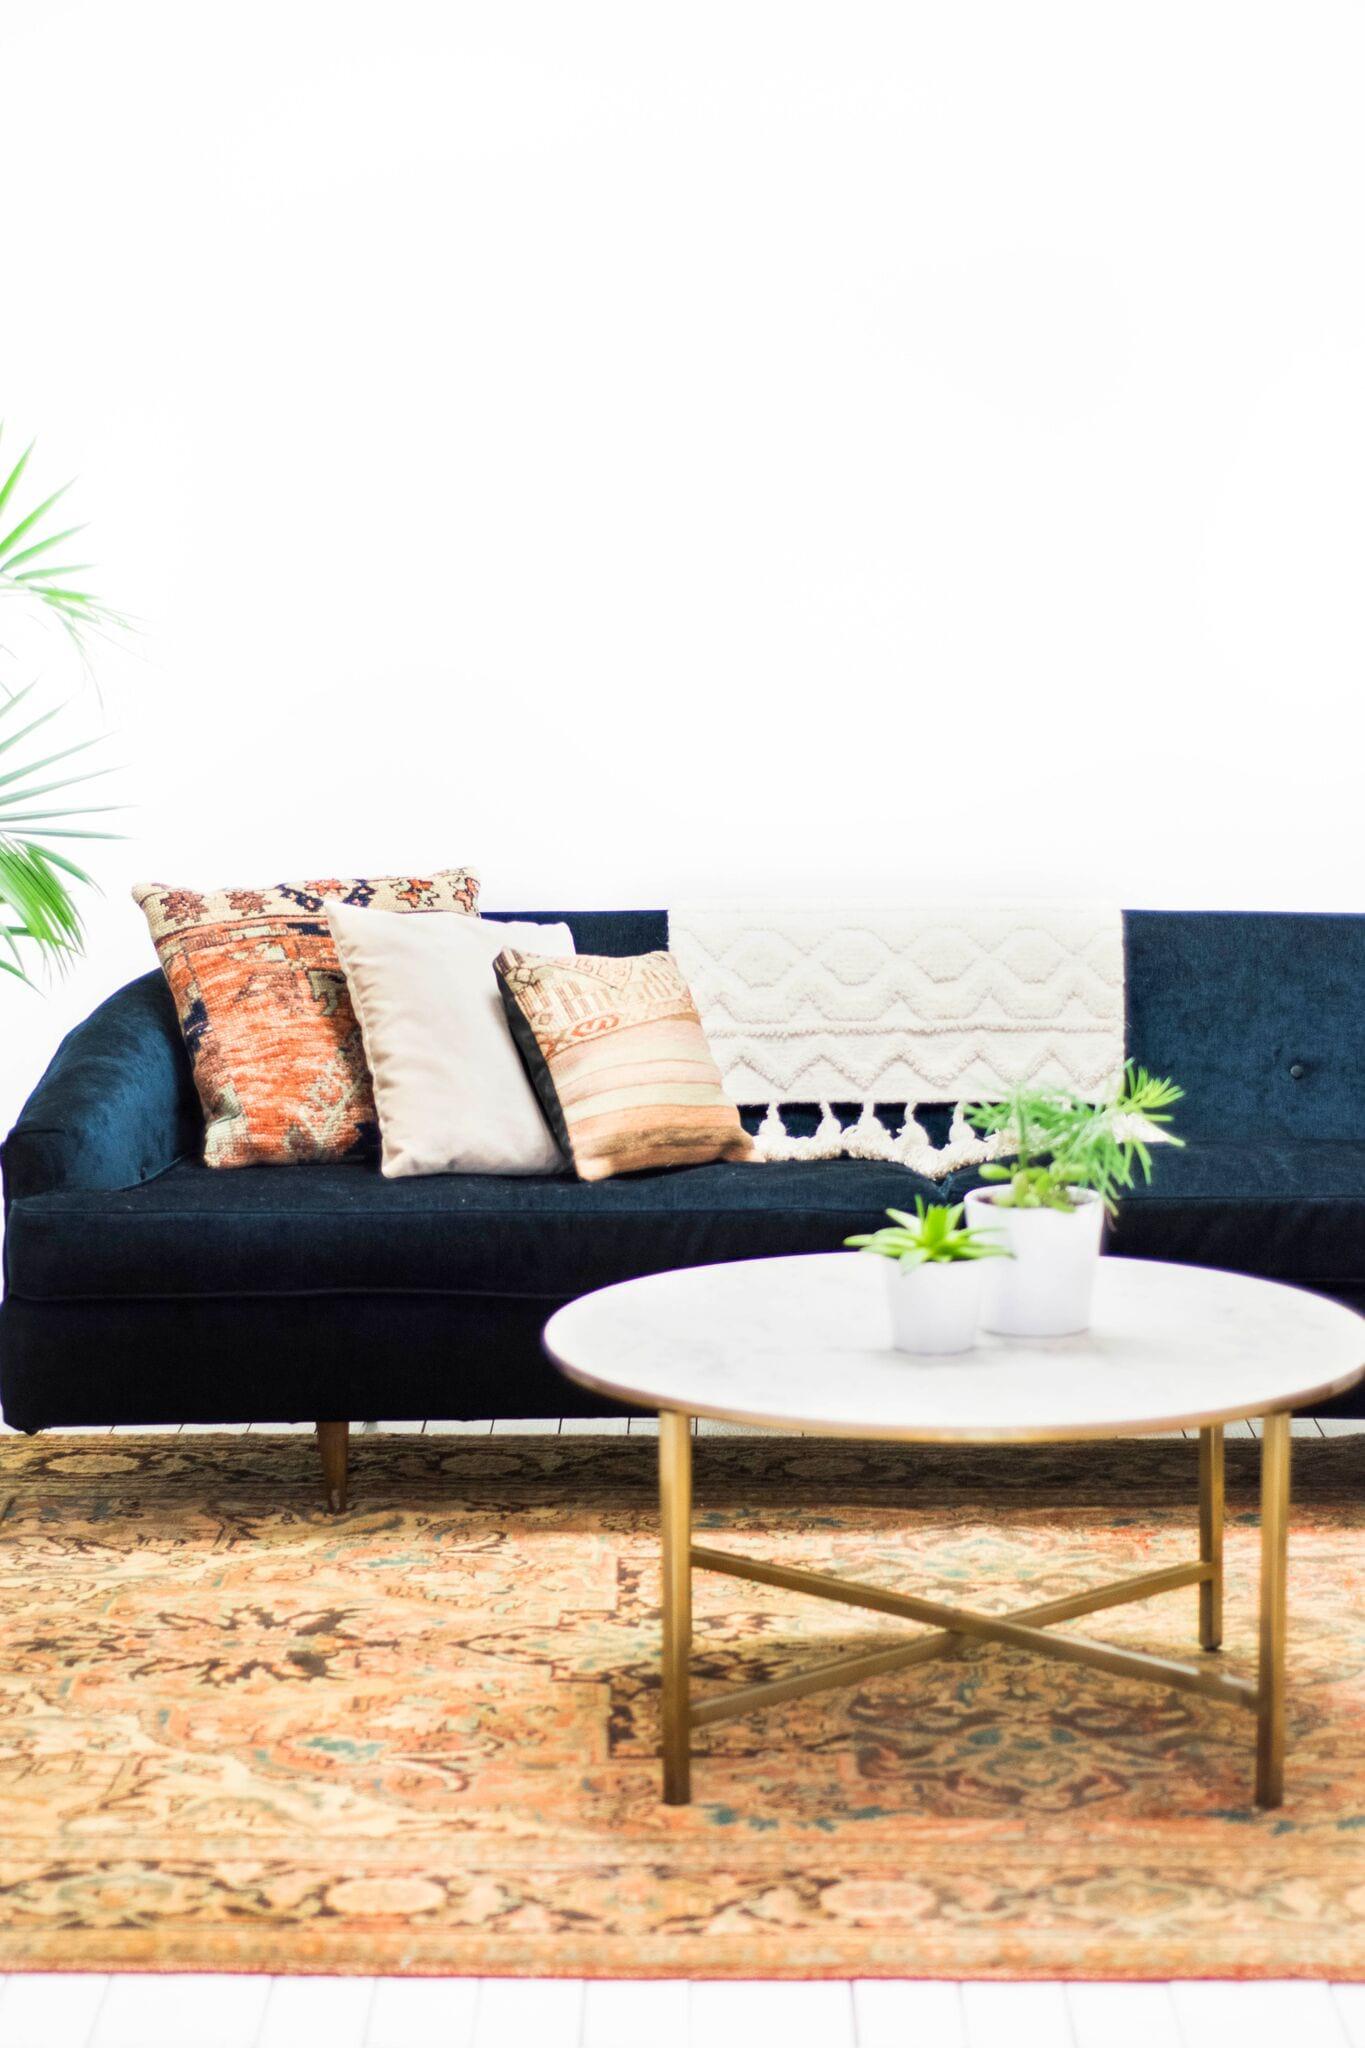 Key West Lounge